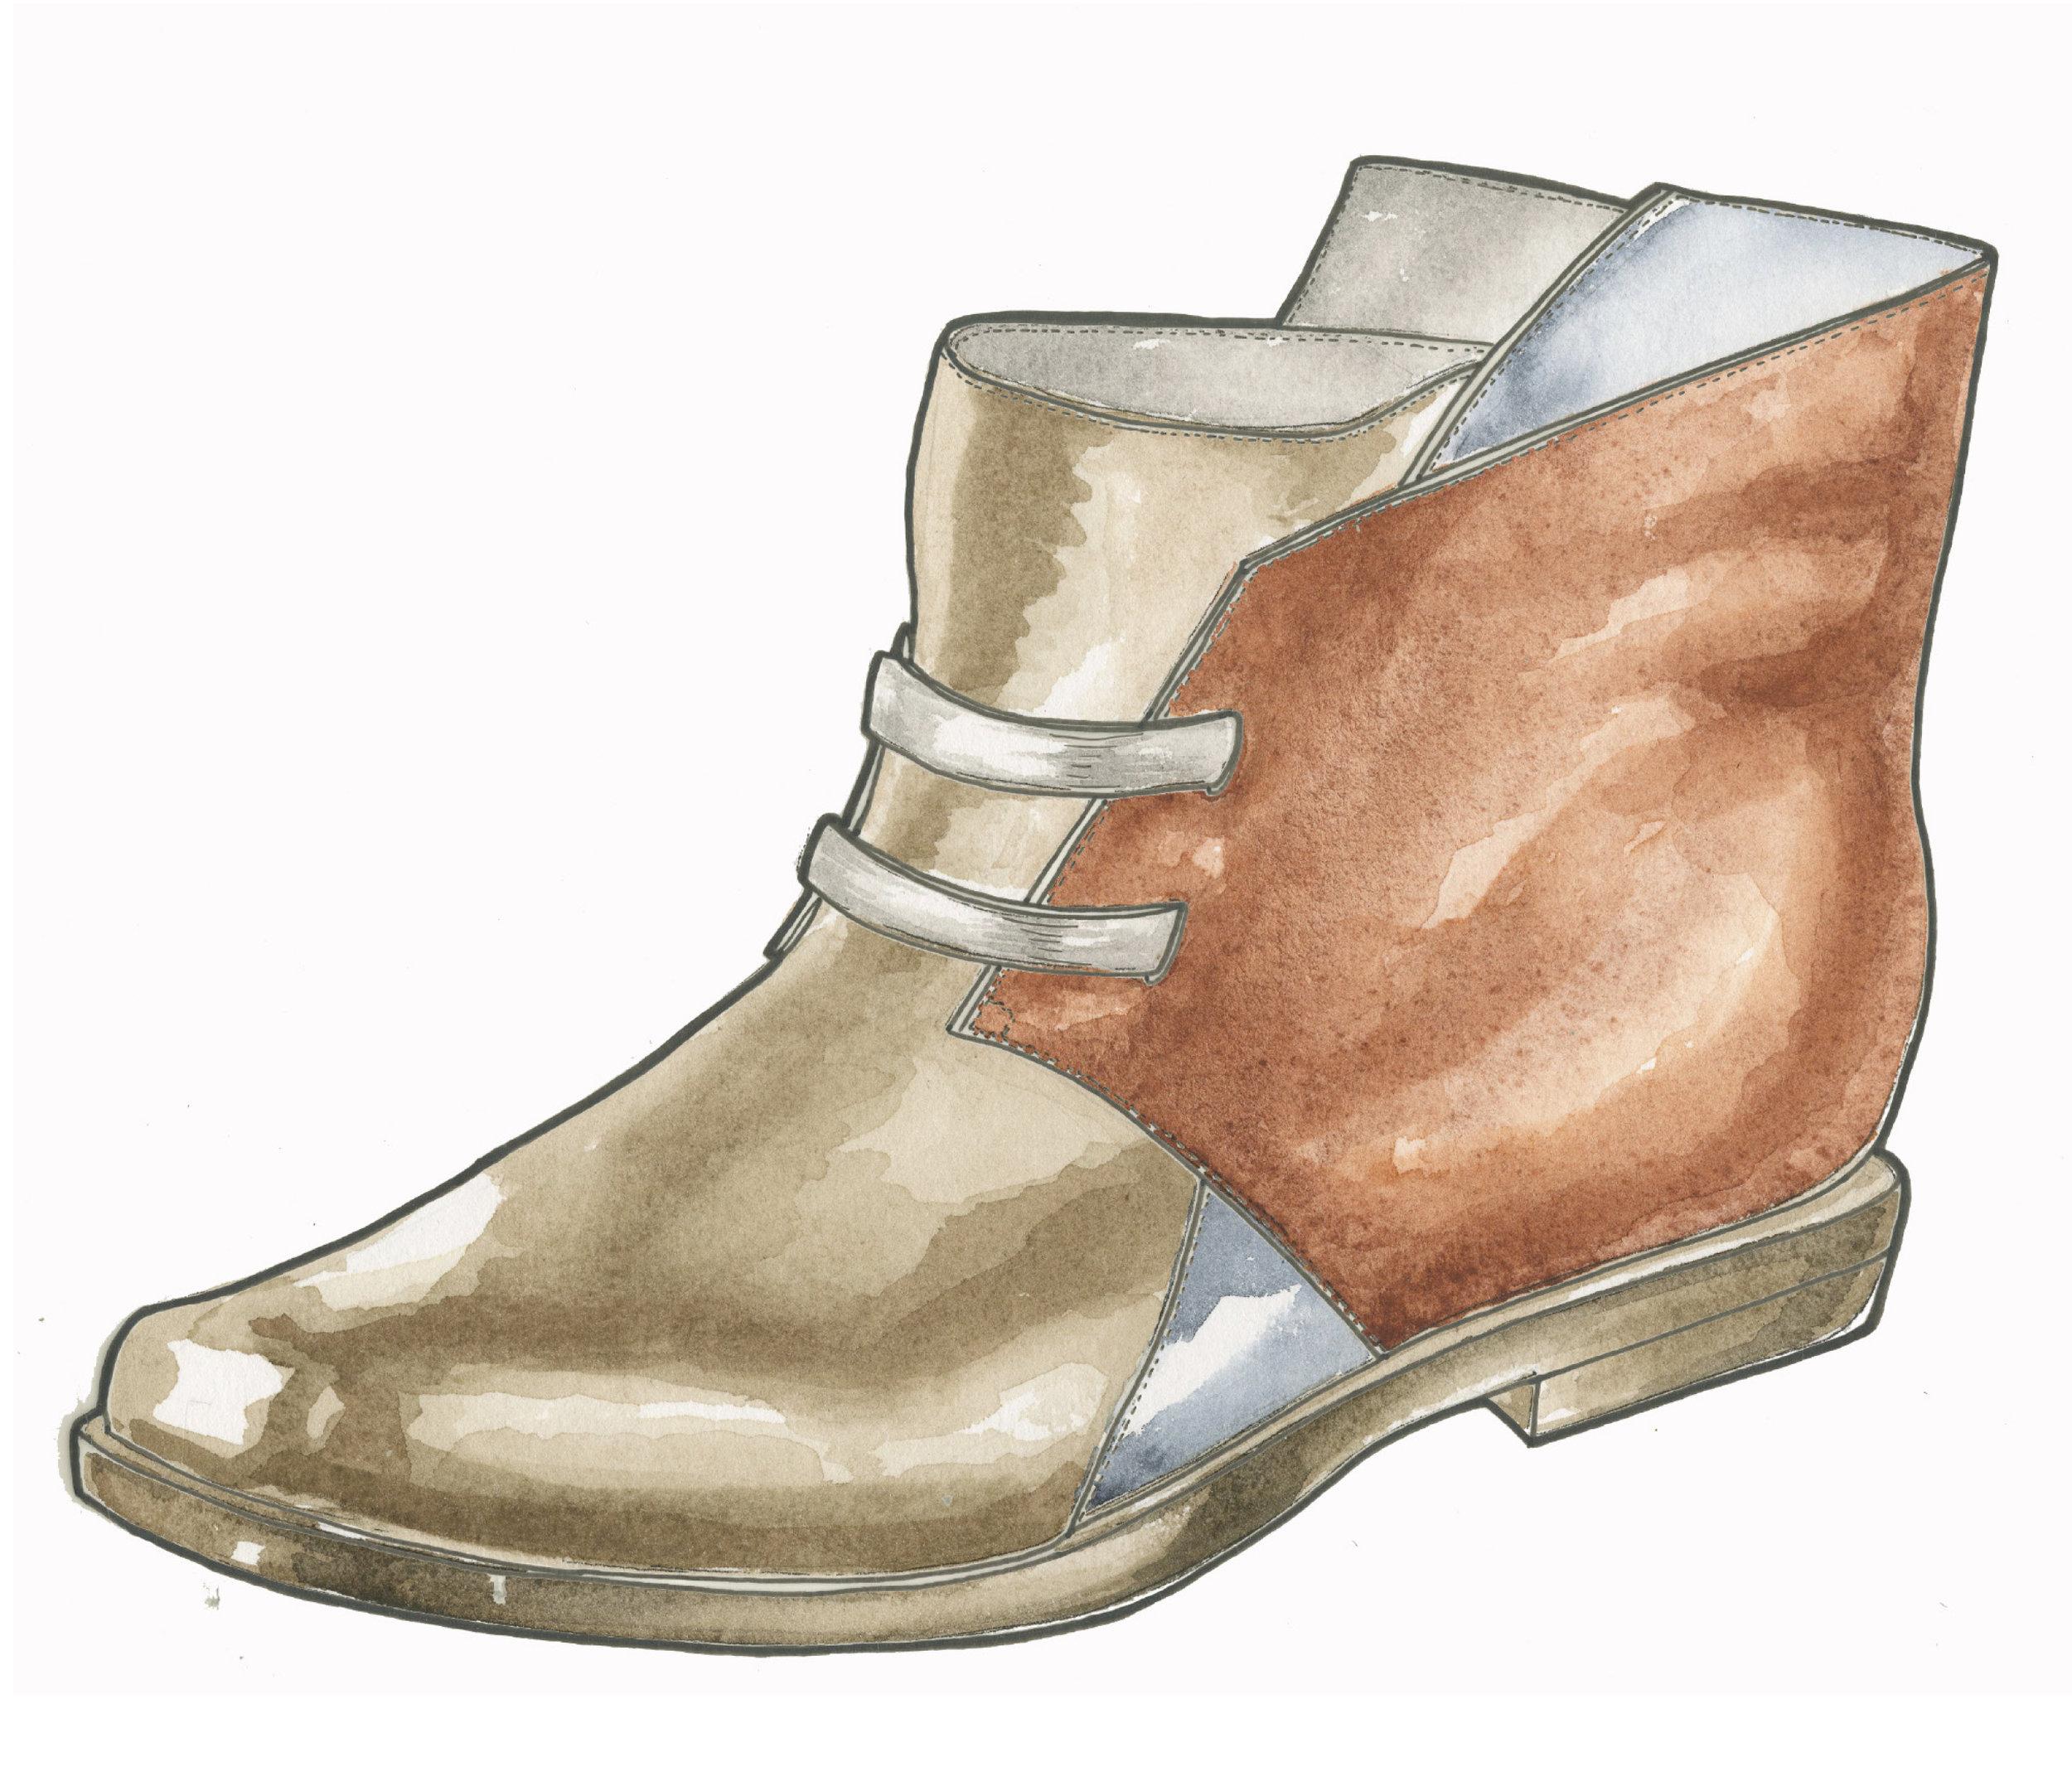 WatercolorShoe1.jpg